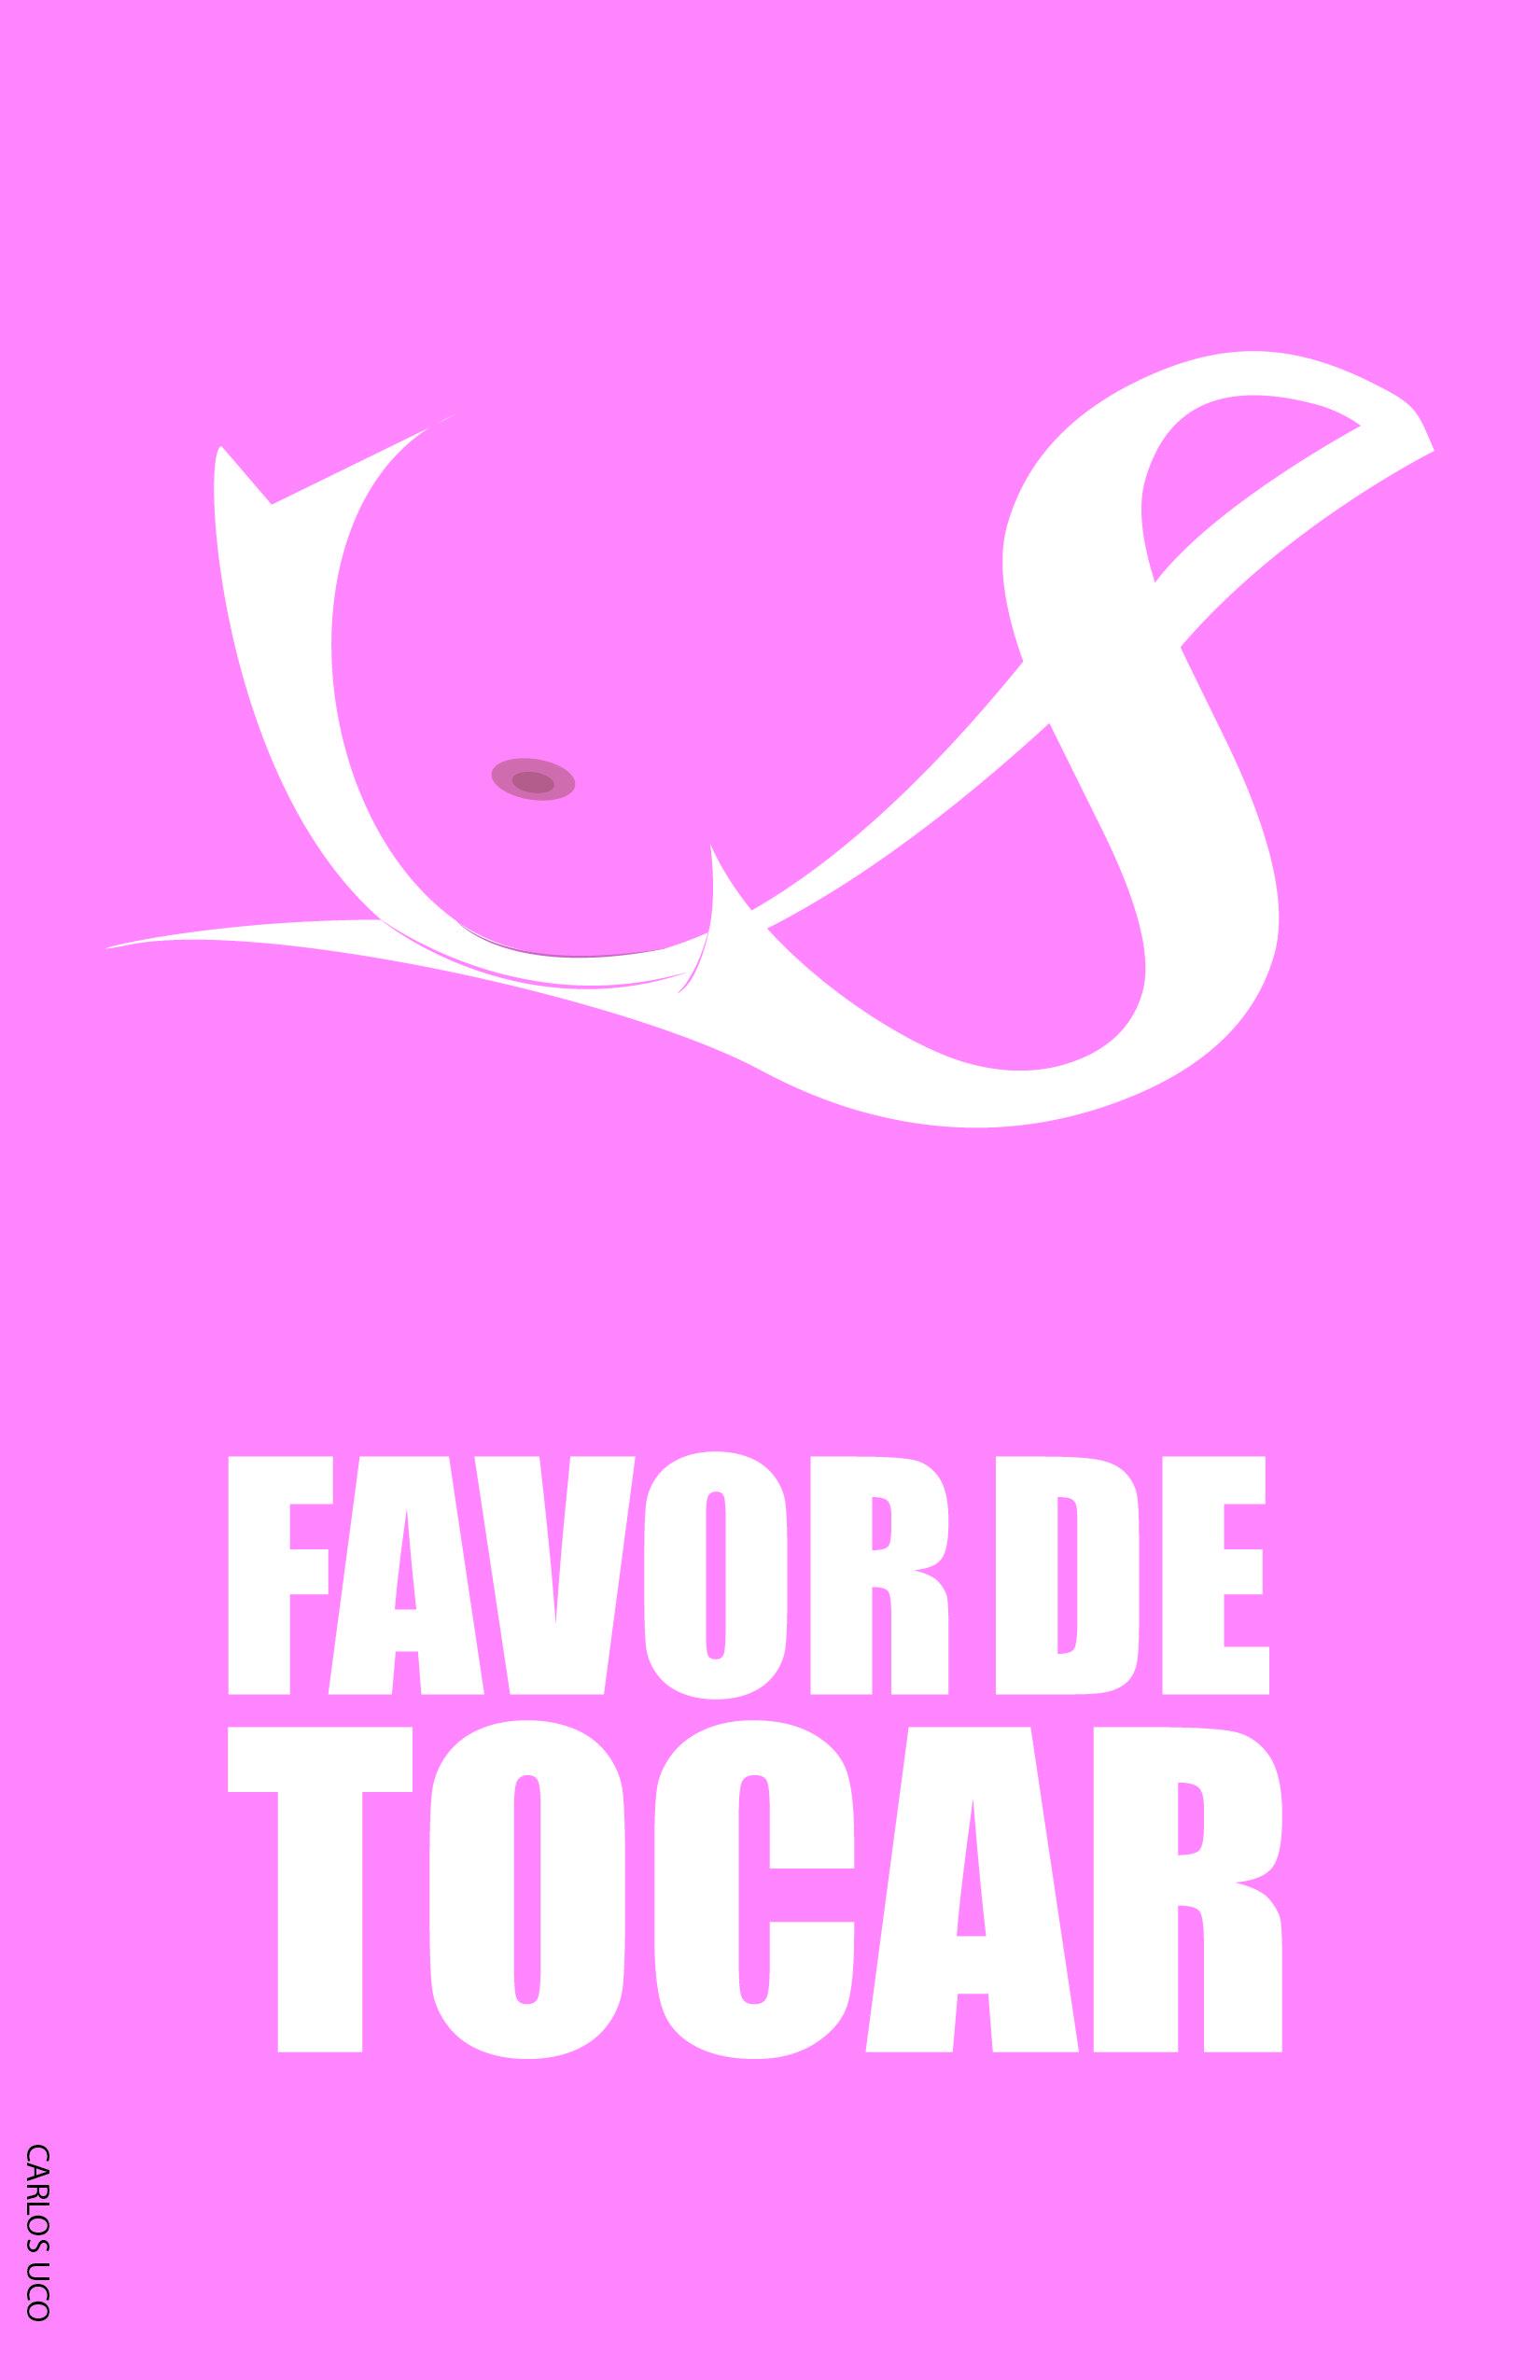 Cartel/Afiche contra el cancer de mama - Carlos Uco | lucha contra ...